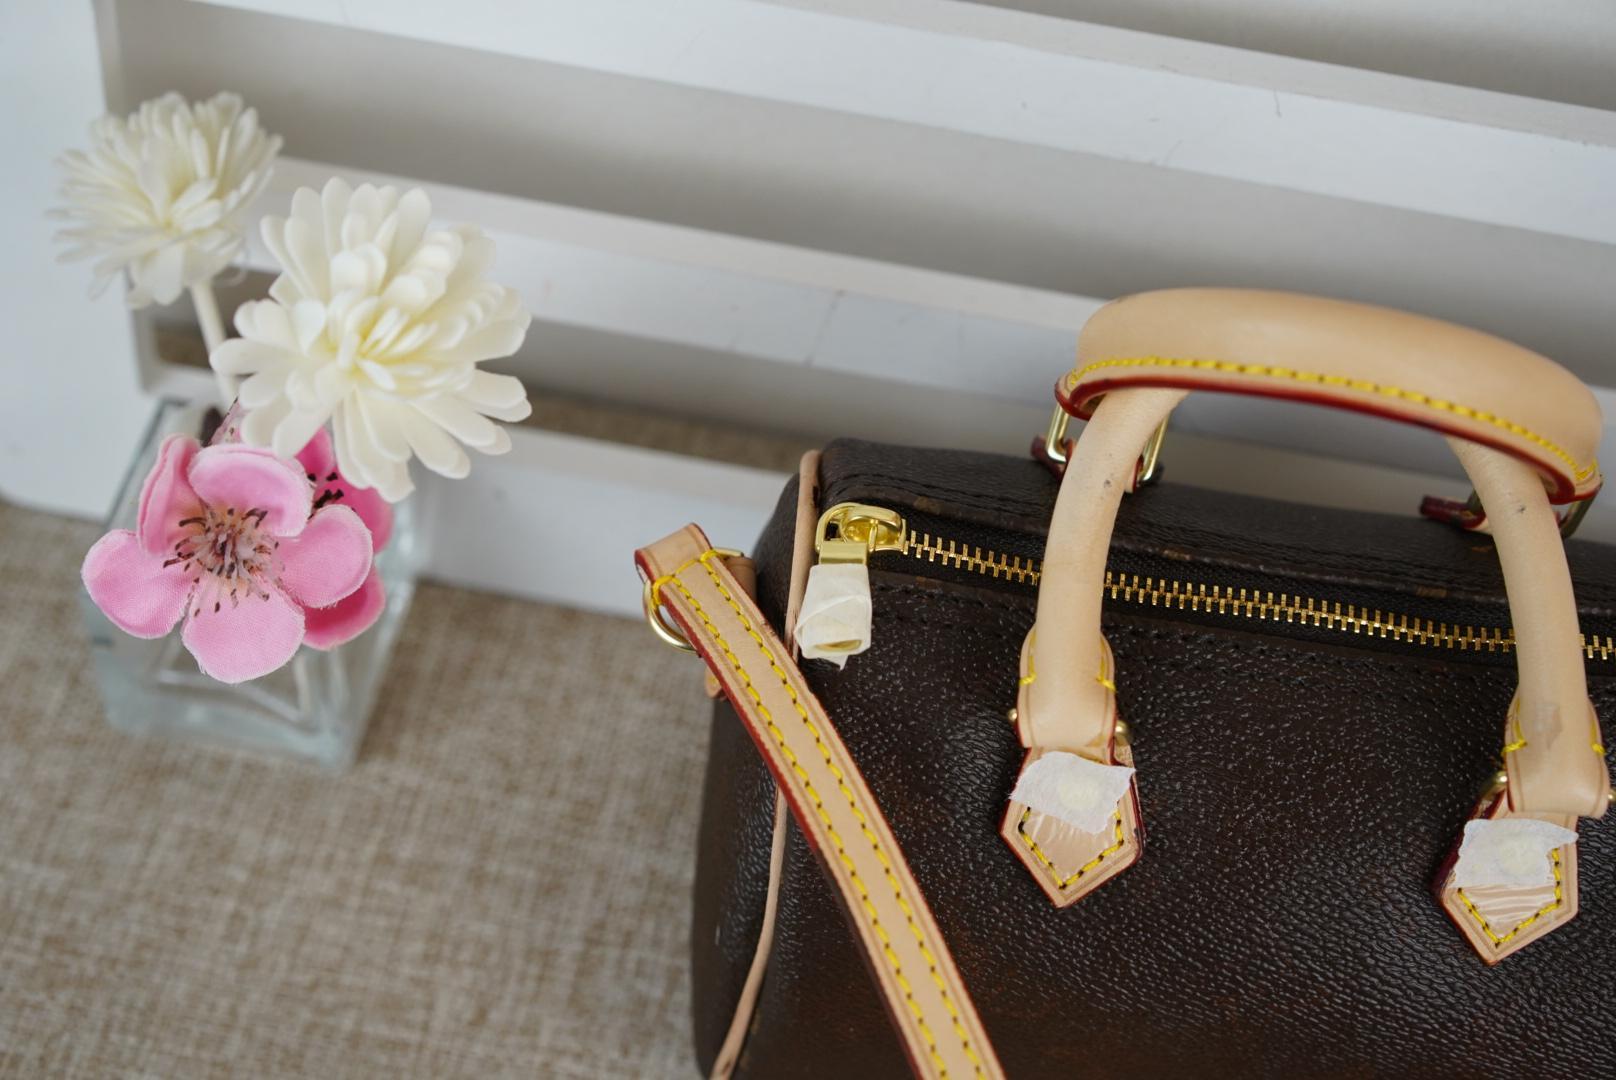 حقائب الكتف مصغرة حقائب اليد حقيبة المرأة حقائب نسائية crossbody المحافظ جلد القابض حقيبة الظهر المحفظة